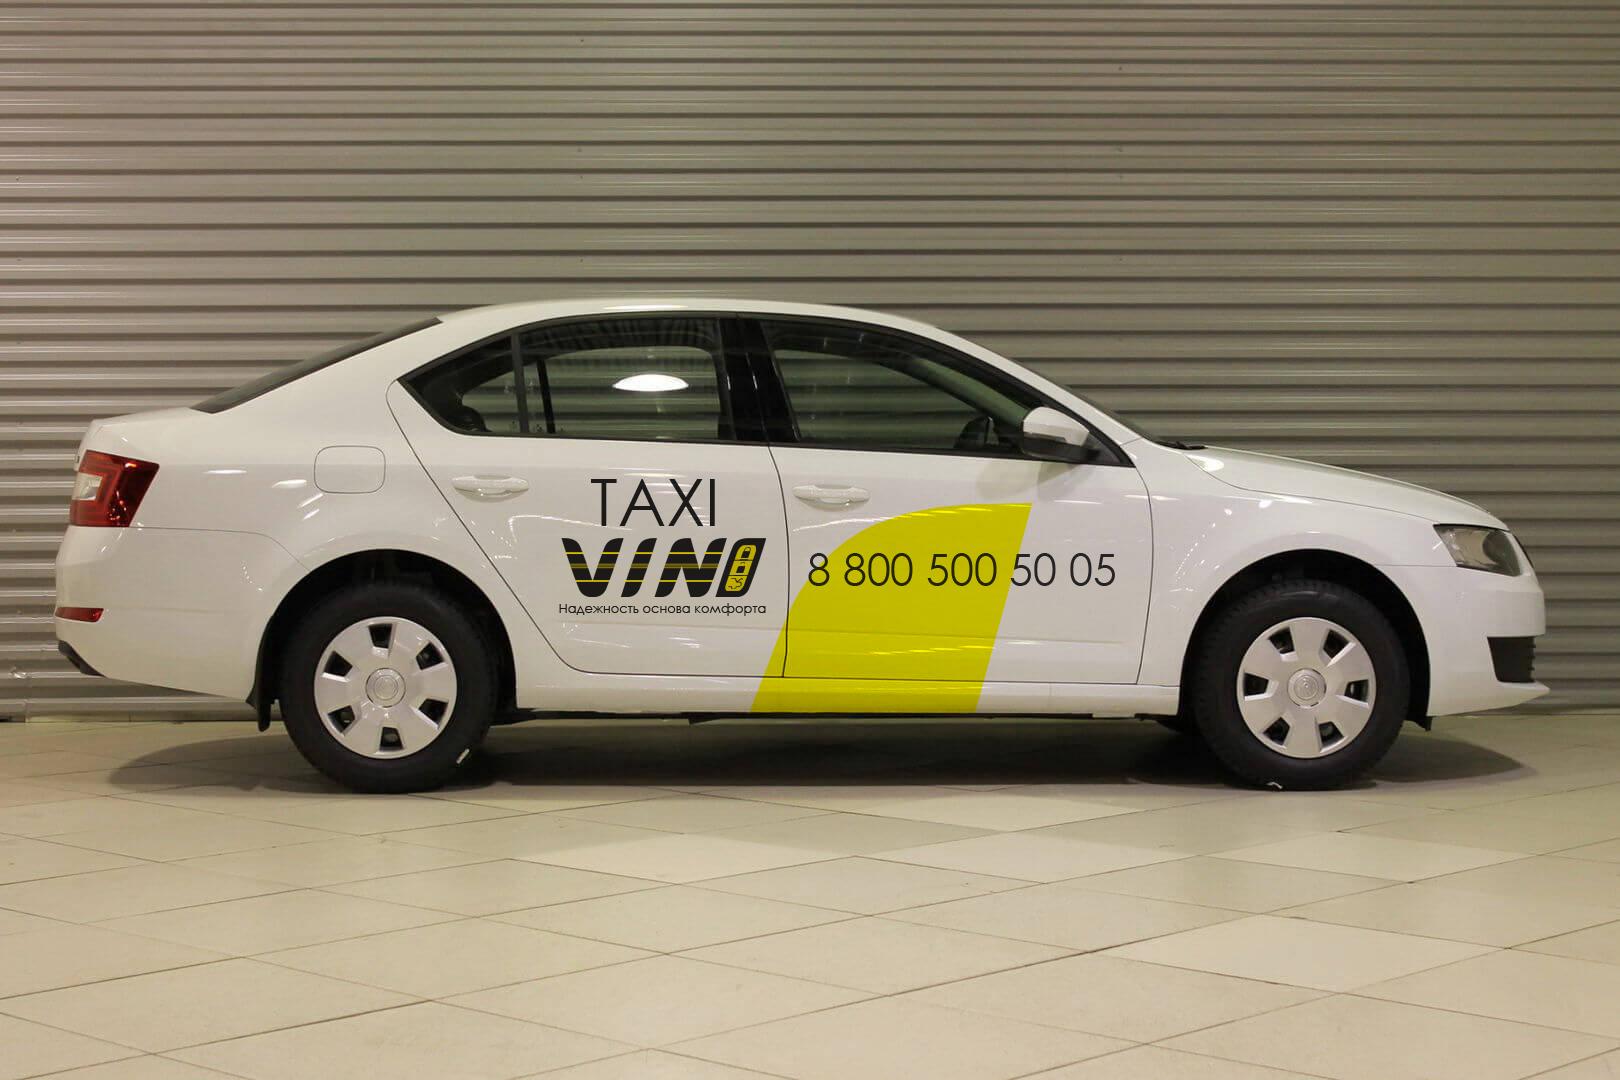 Разработка логотипа и фирменного стиля для такси фото f_8635b9e0d98ed894.jpg